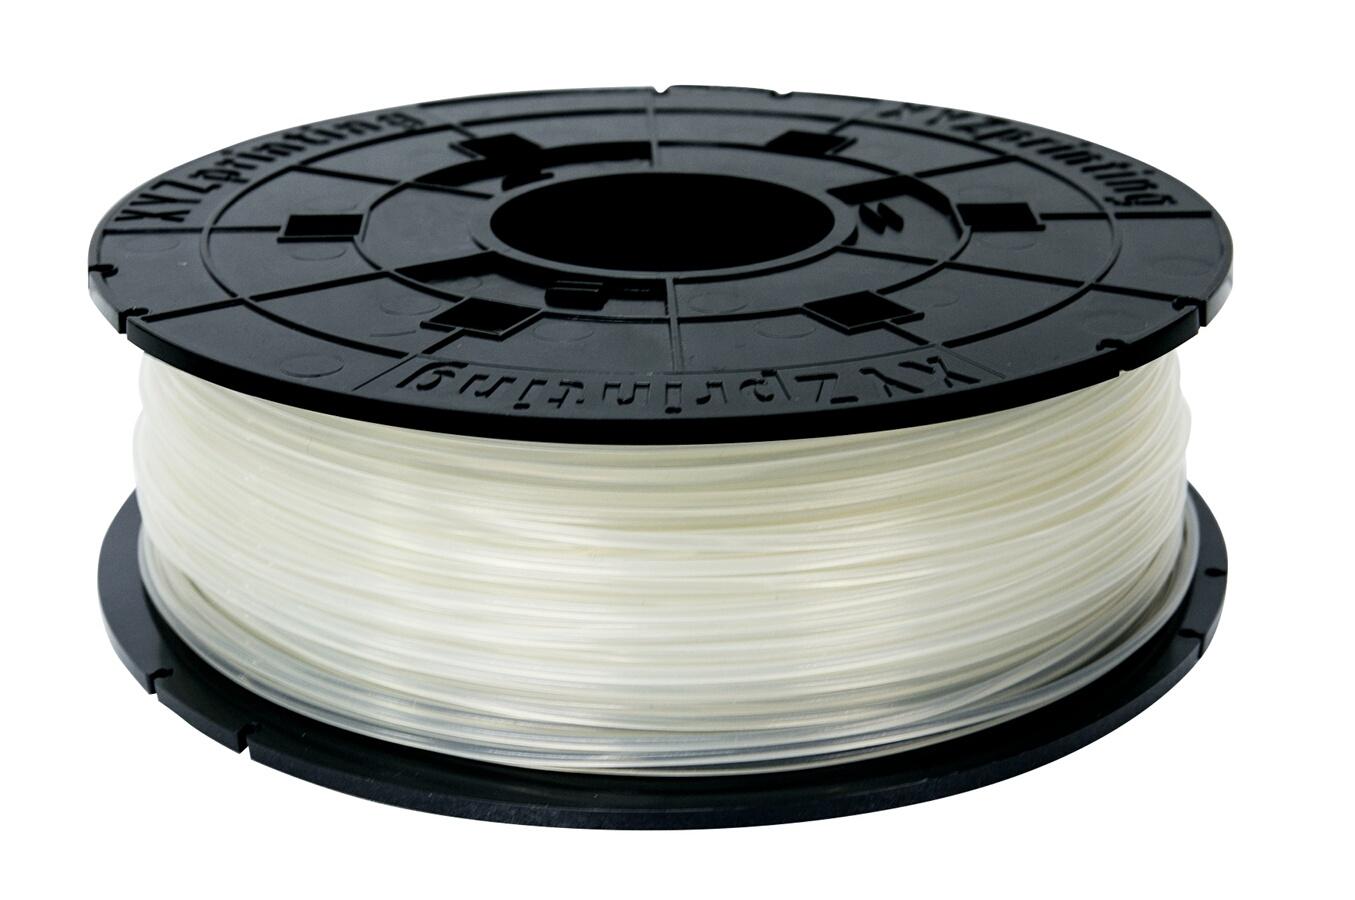 Consommable imprimante 3d xyz printing filament pla jr na 4142390 darty - Filament imprimante 3d ...